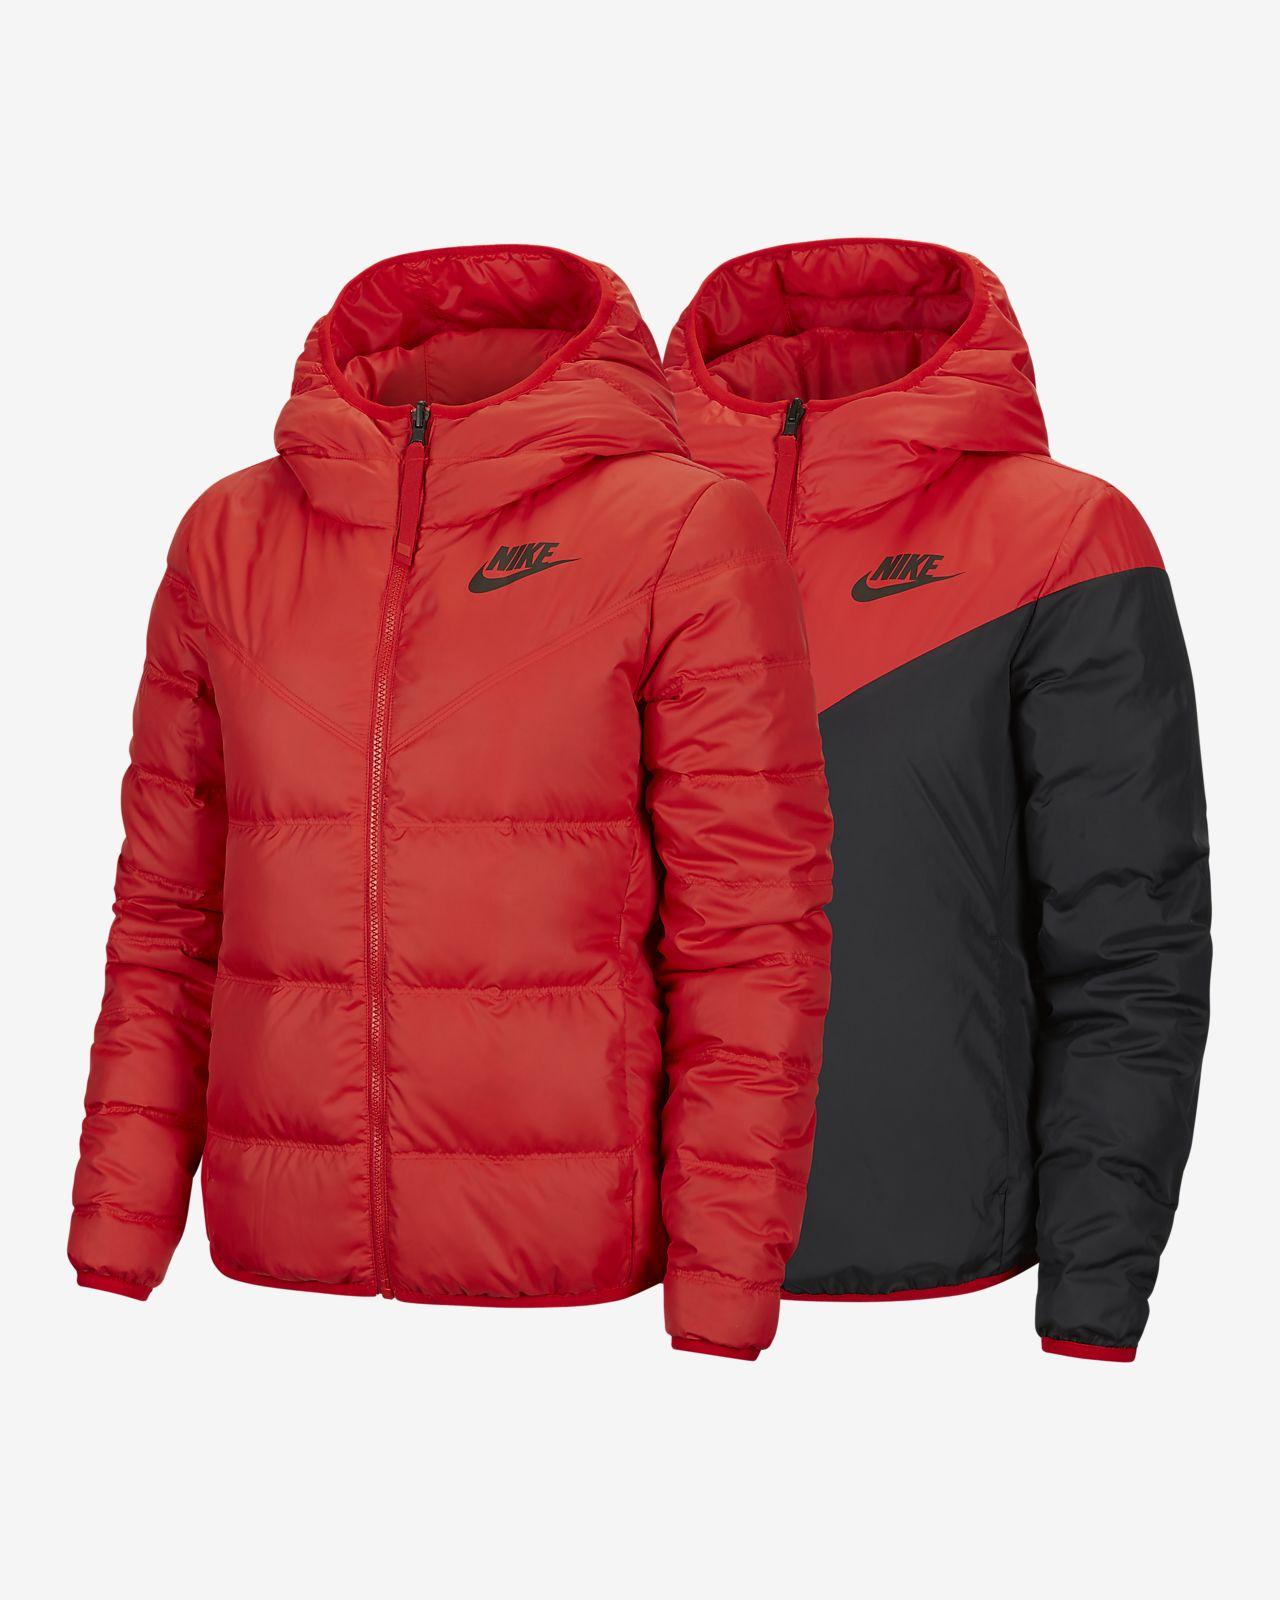 Nike Sportswear Windrunner Down Fill 女子双面穿夹克